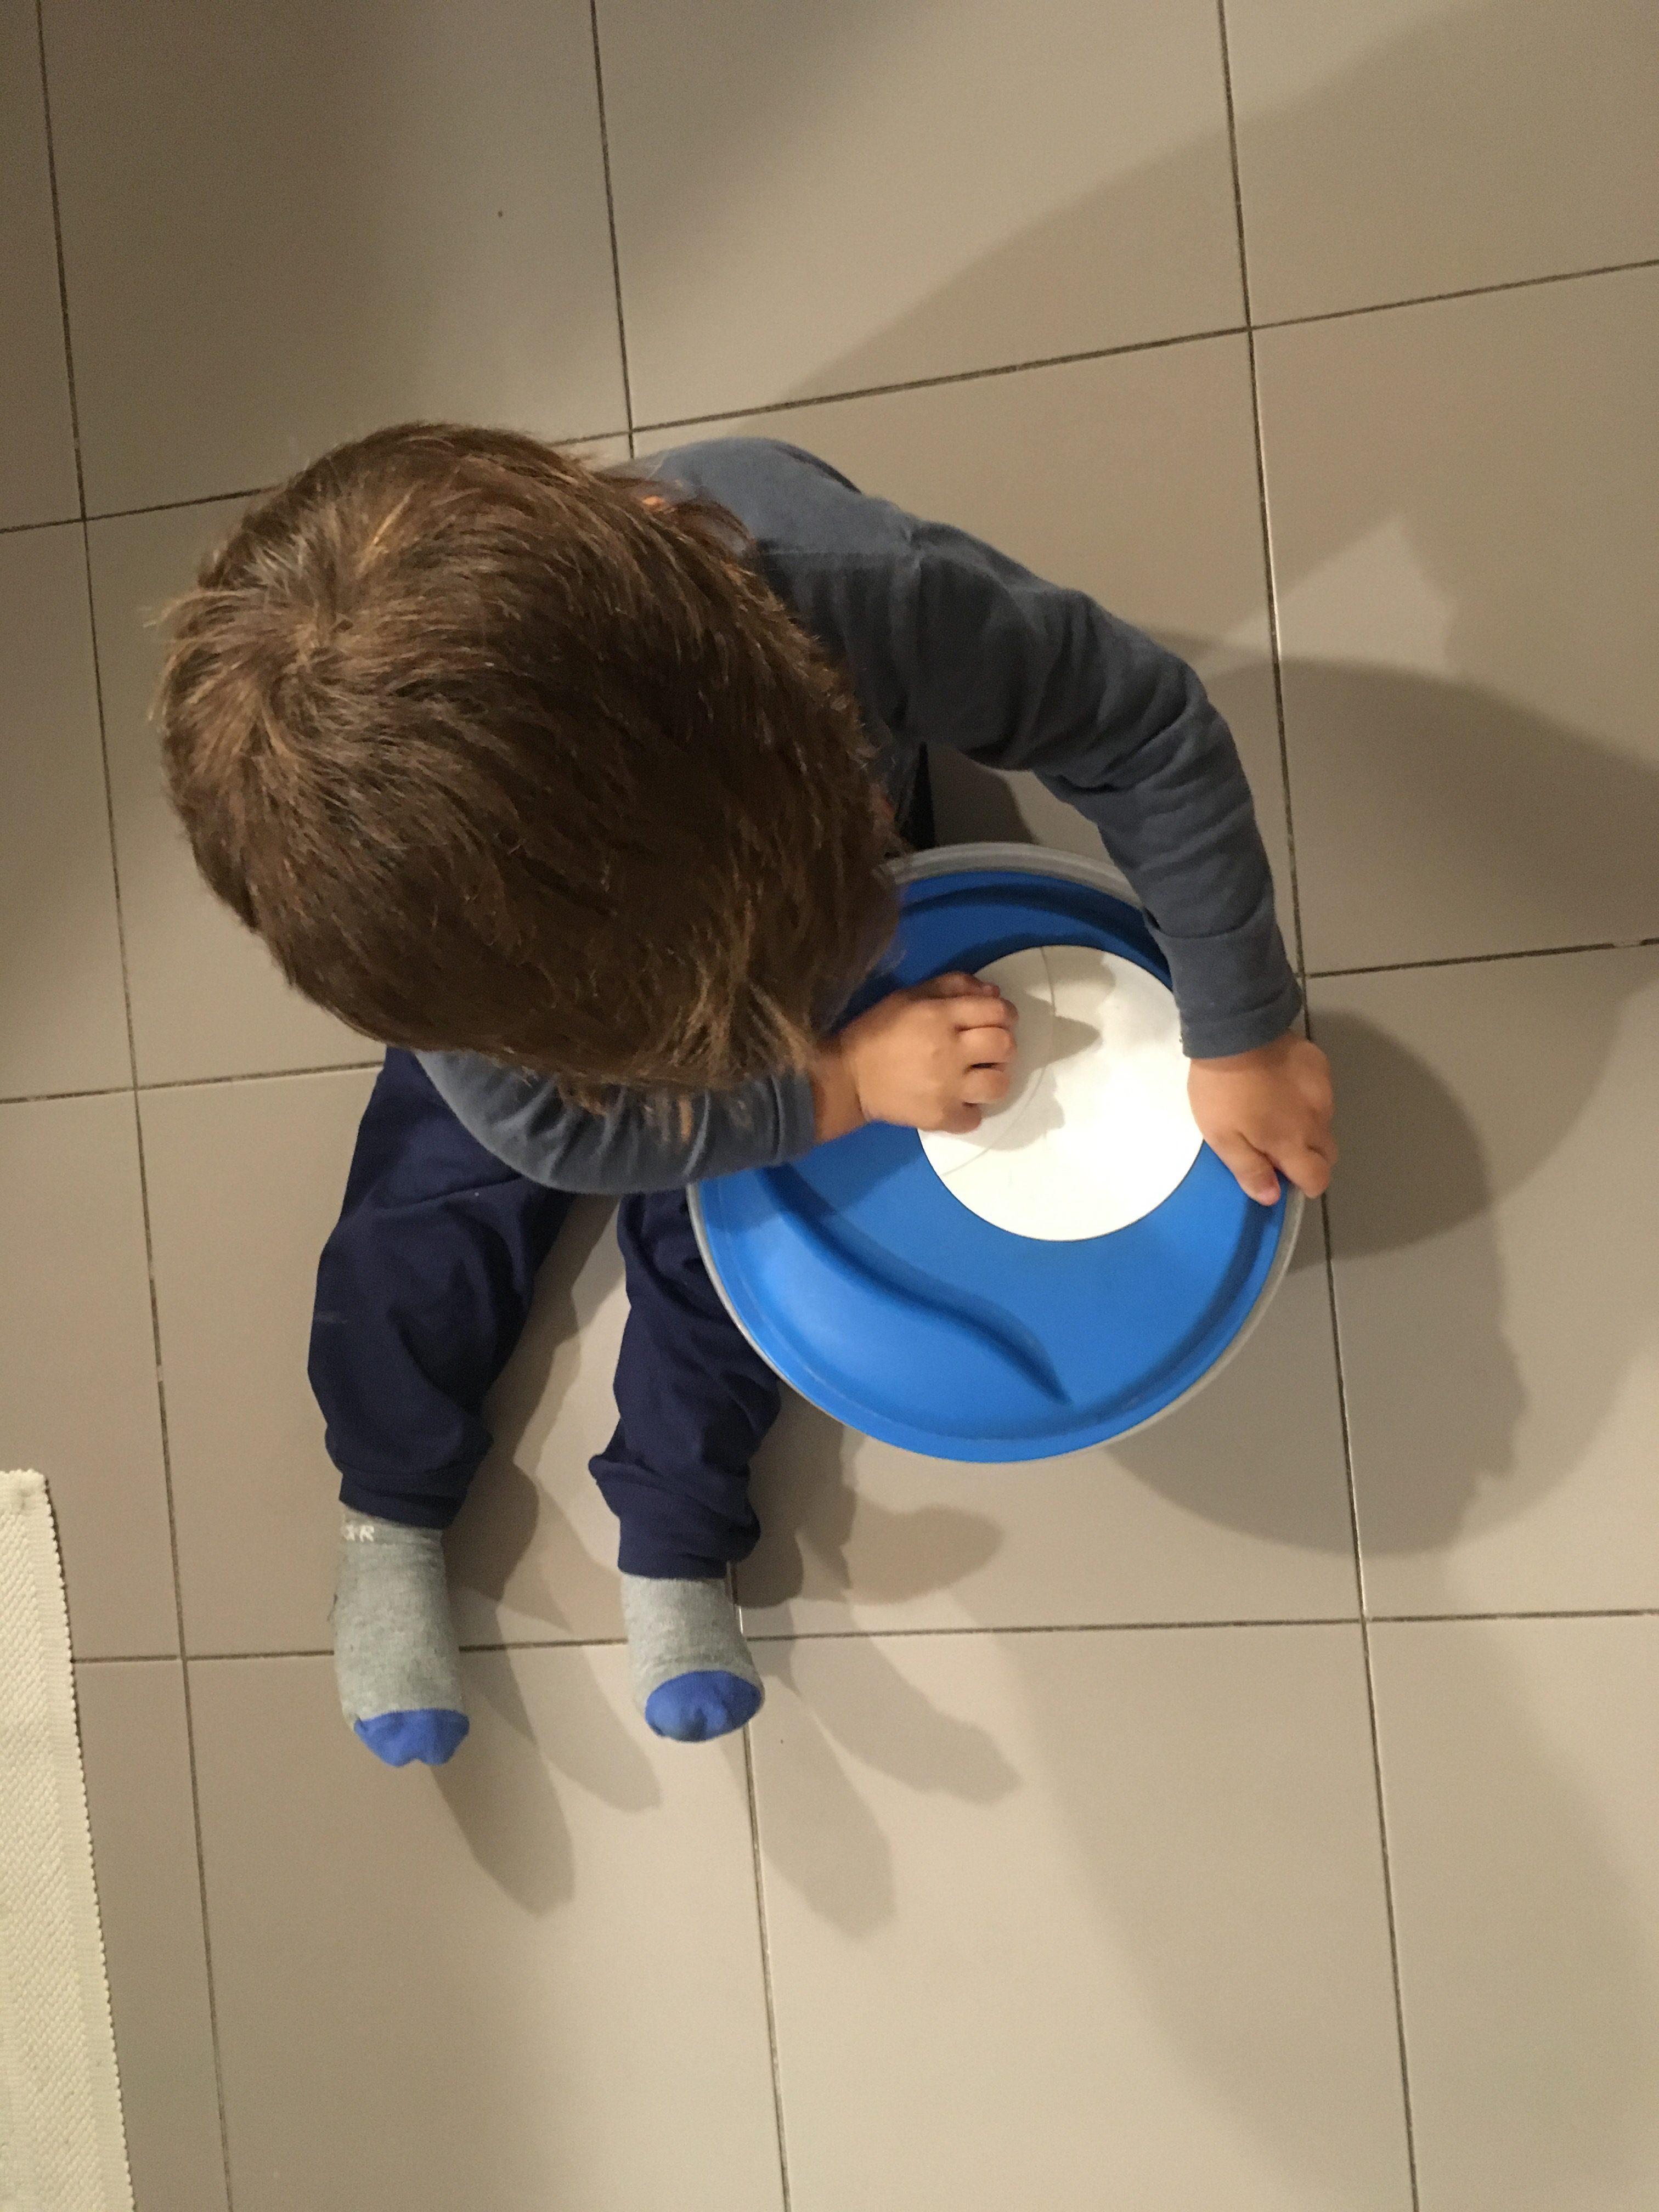 salad-spinner-toy-zero-waste